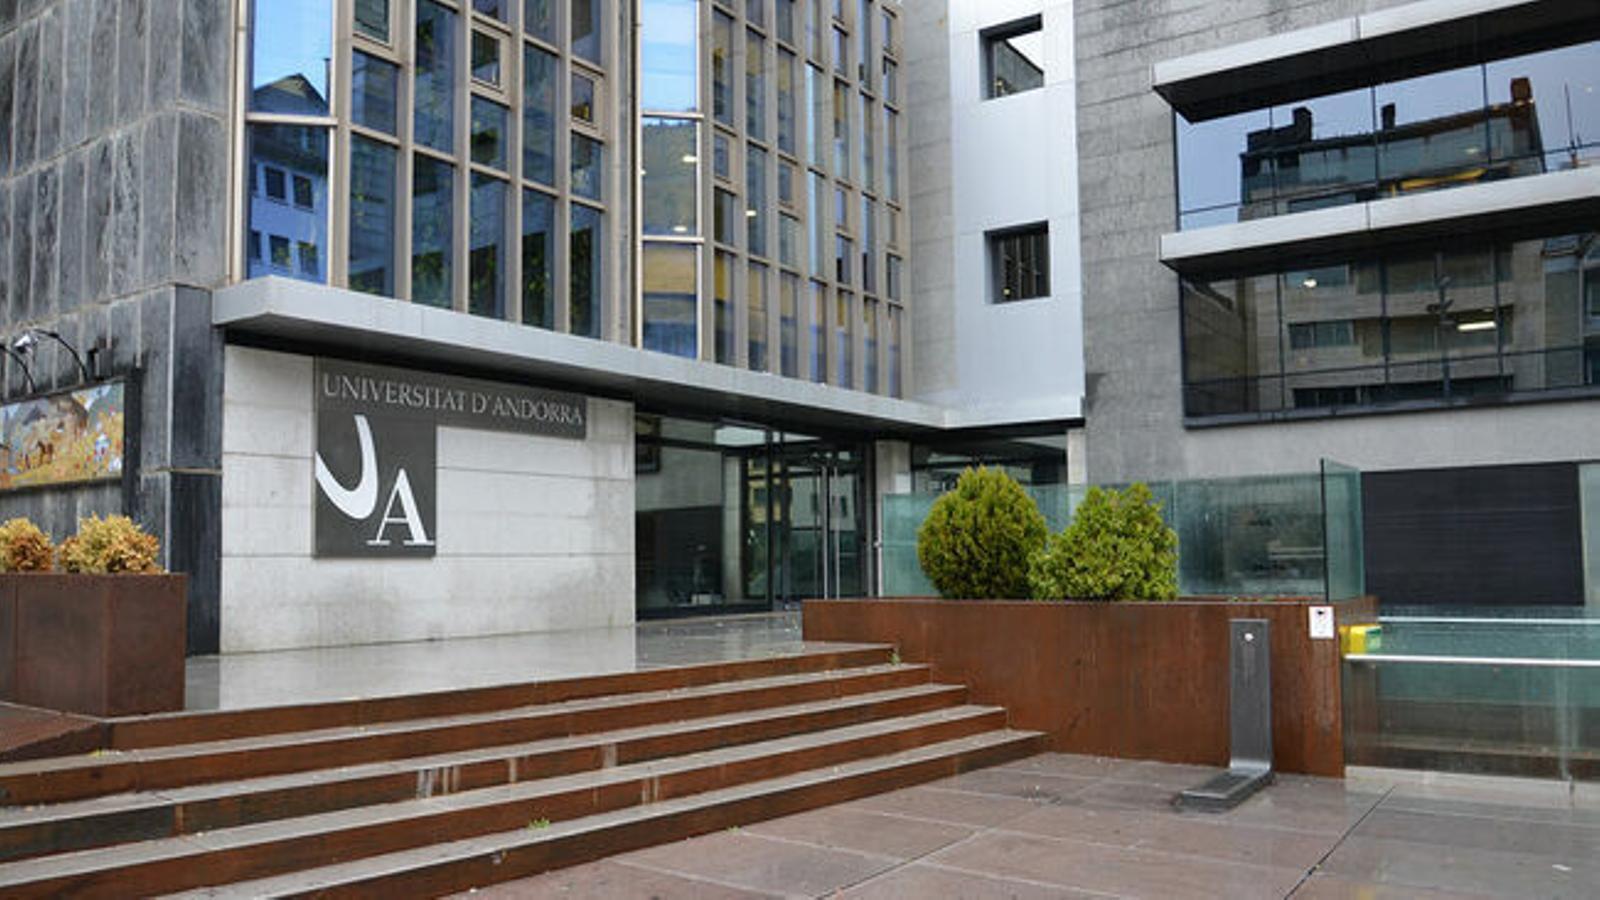 La Universitat d'Andorra. / ARXIU